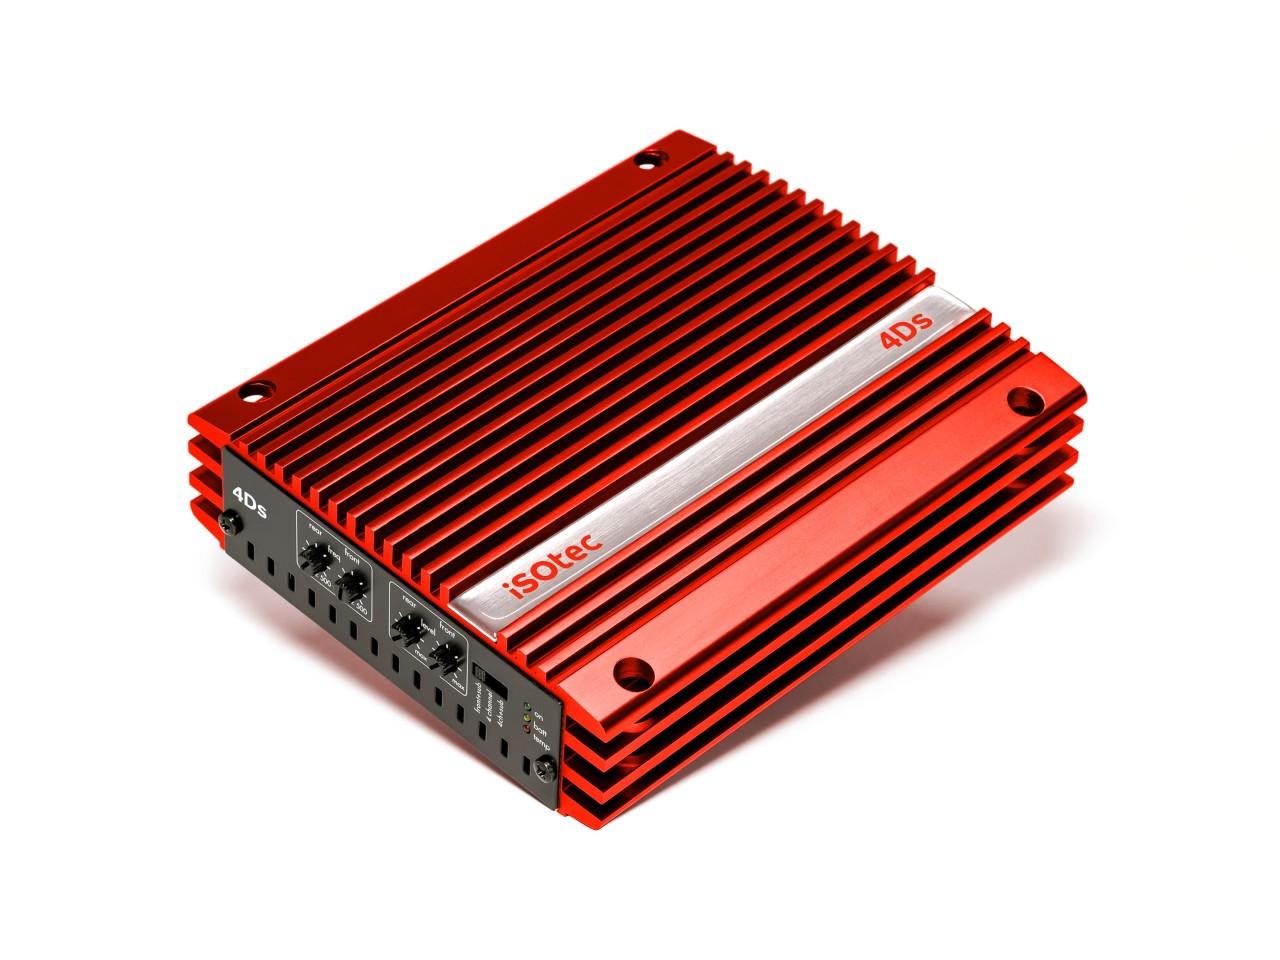 4Ds Red Edition 400 Watt Endstufe